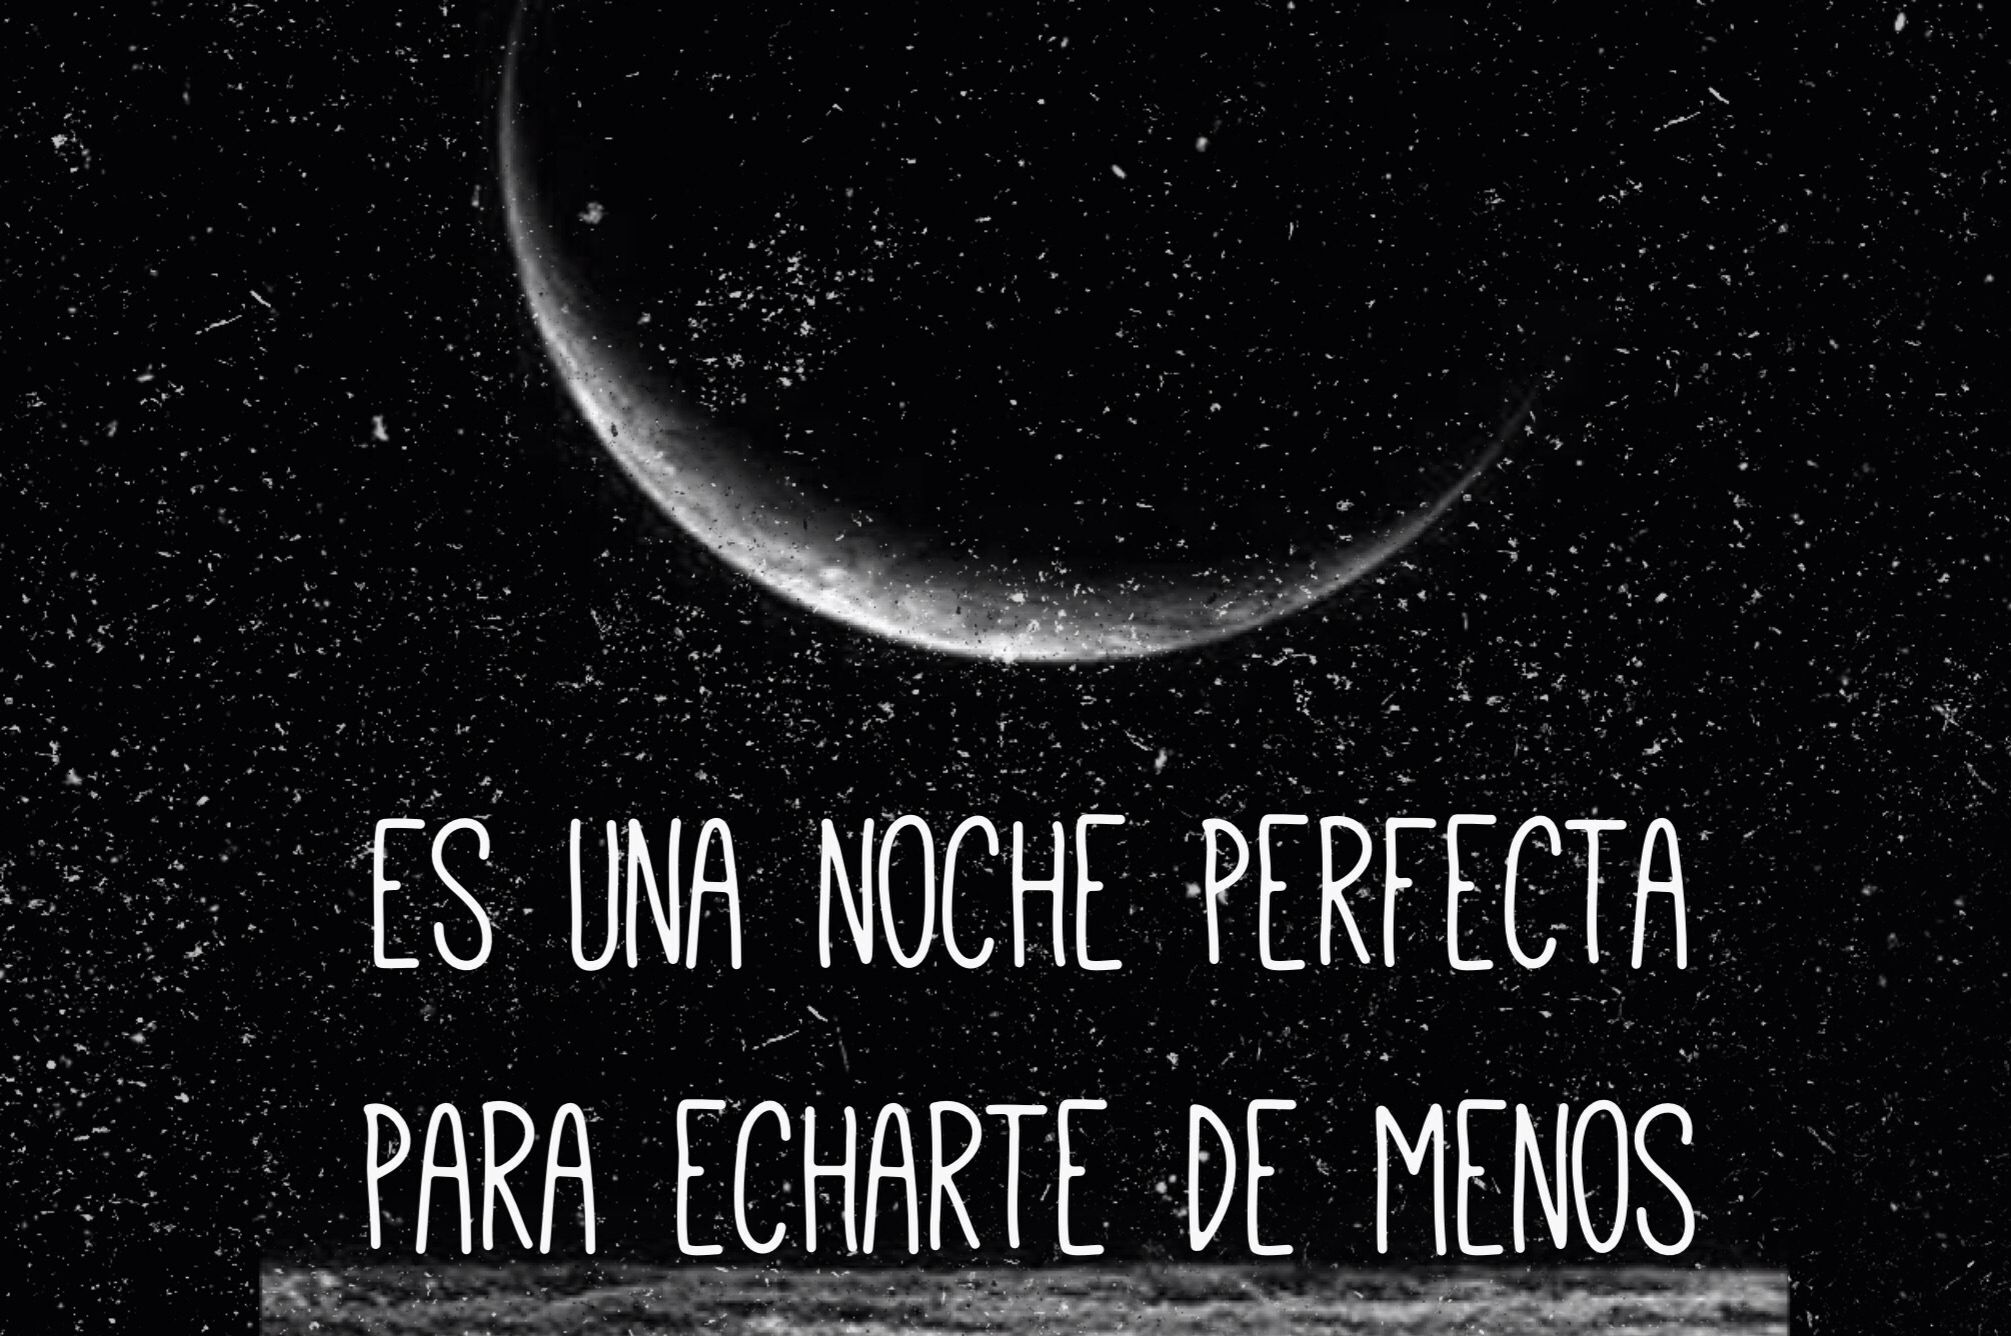 Es Una Noche Perfecta Para Echarte De Menos Frases De